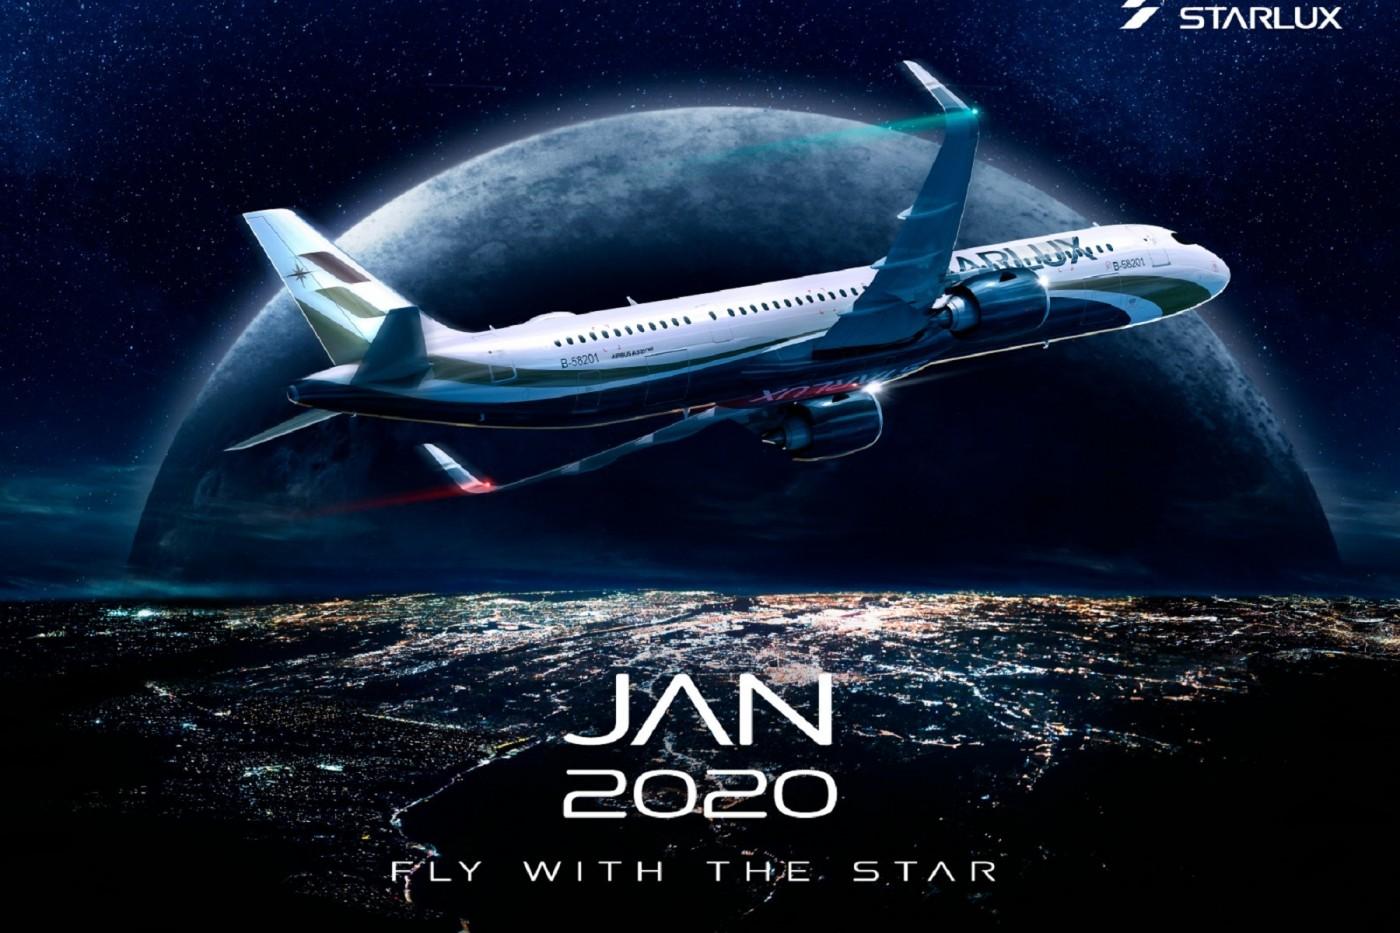 星宇航空機票今正式開賣!首推「家庭帳戶」累哩程,訂票細節、機上亮點服務一次看